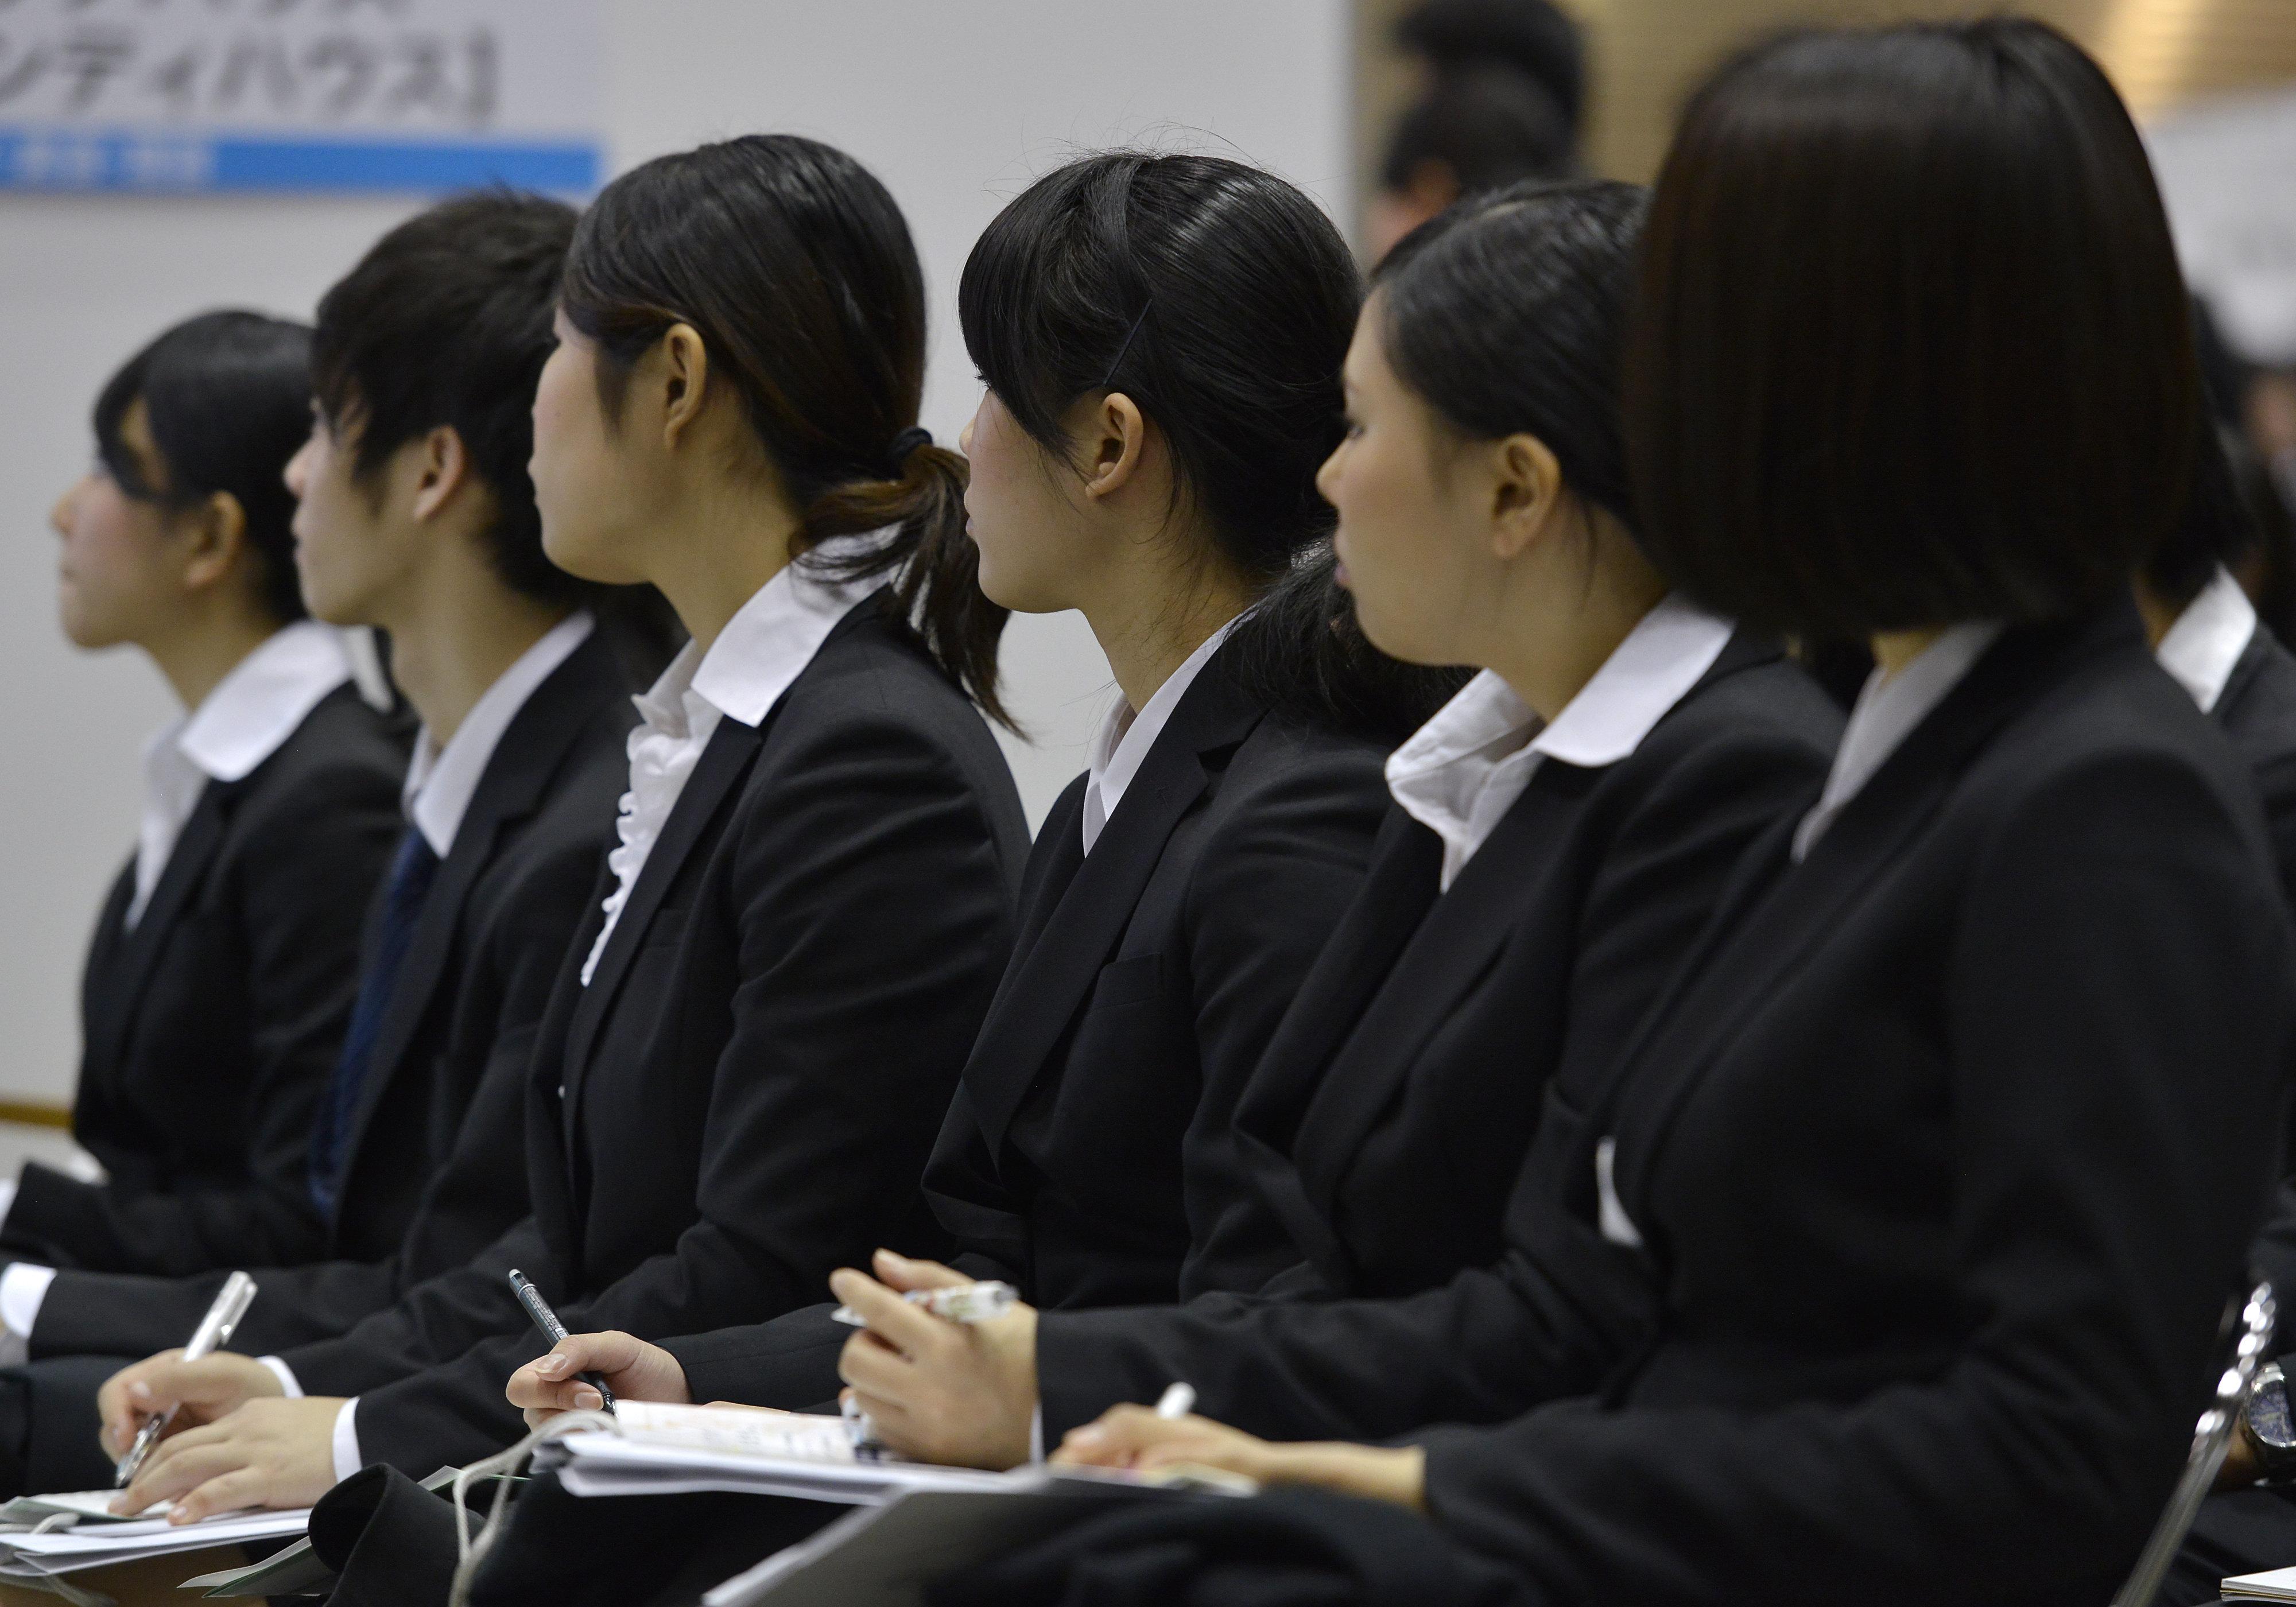 黒いスーツに黒いカバン。日本の新卒採用は「非効率」すぎる。